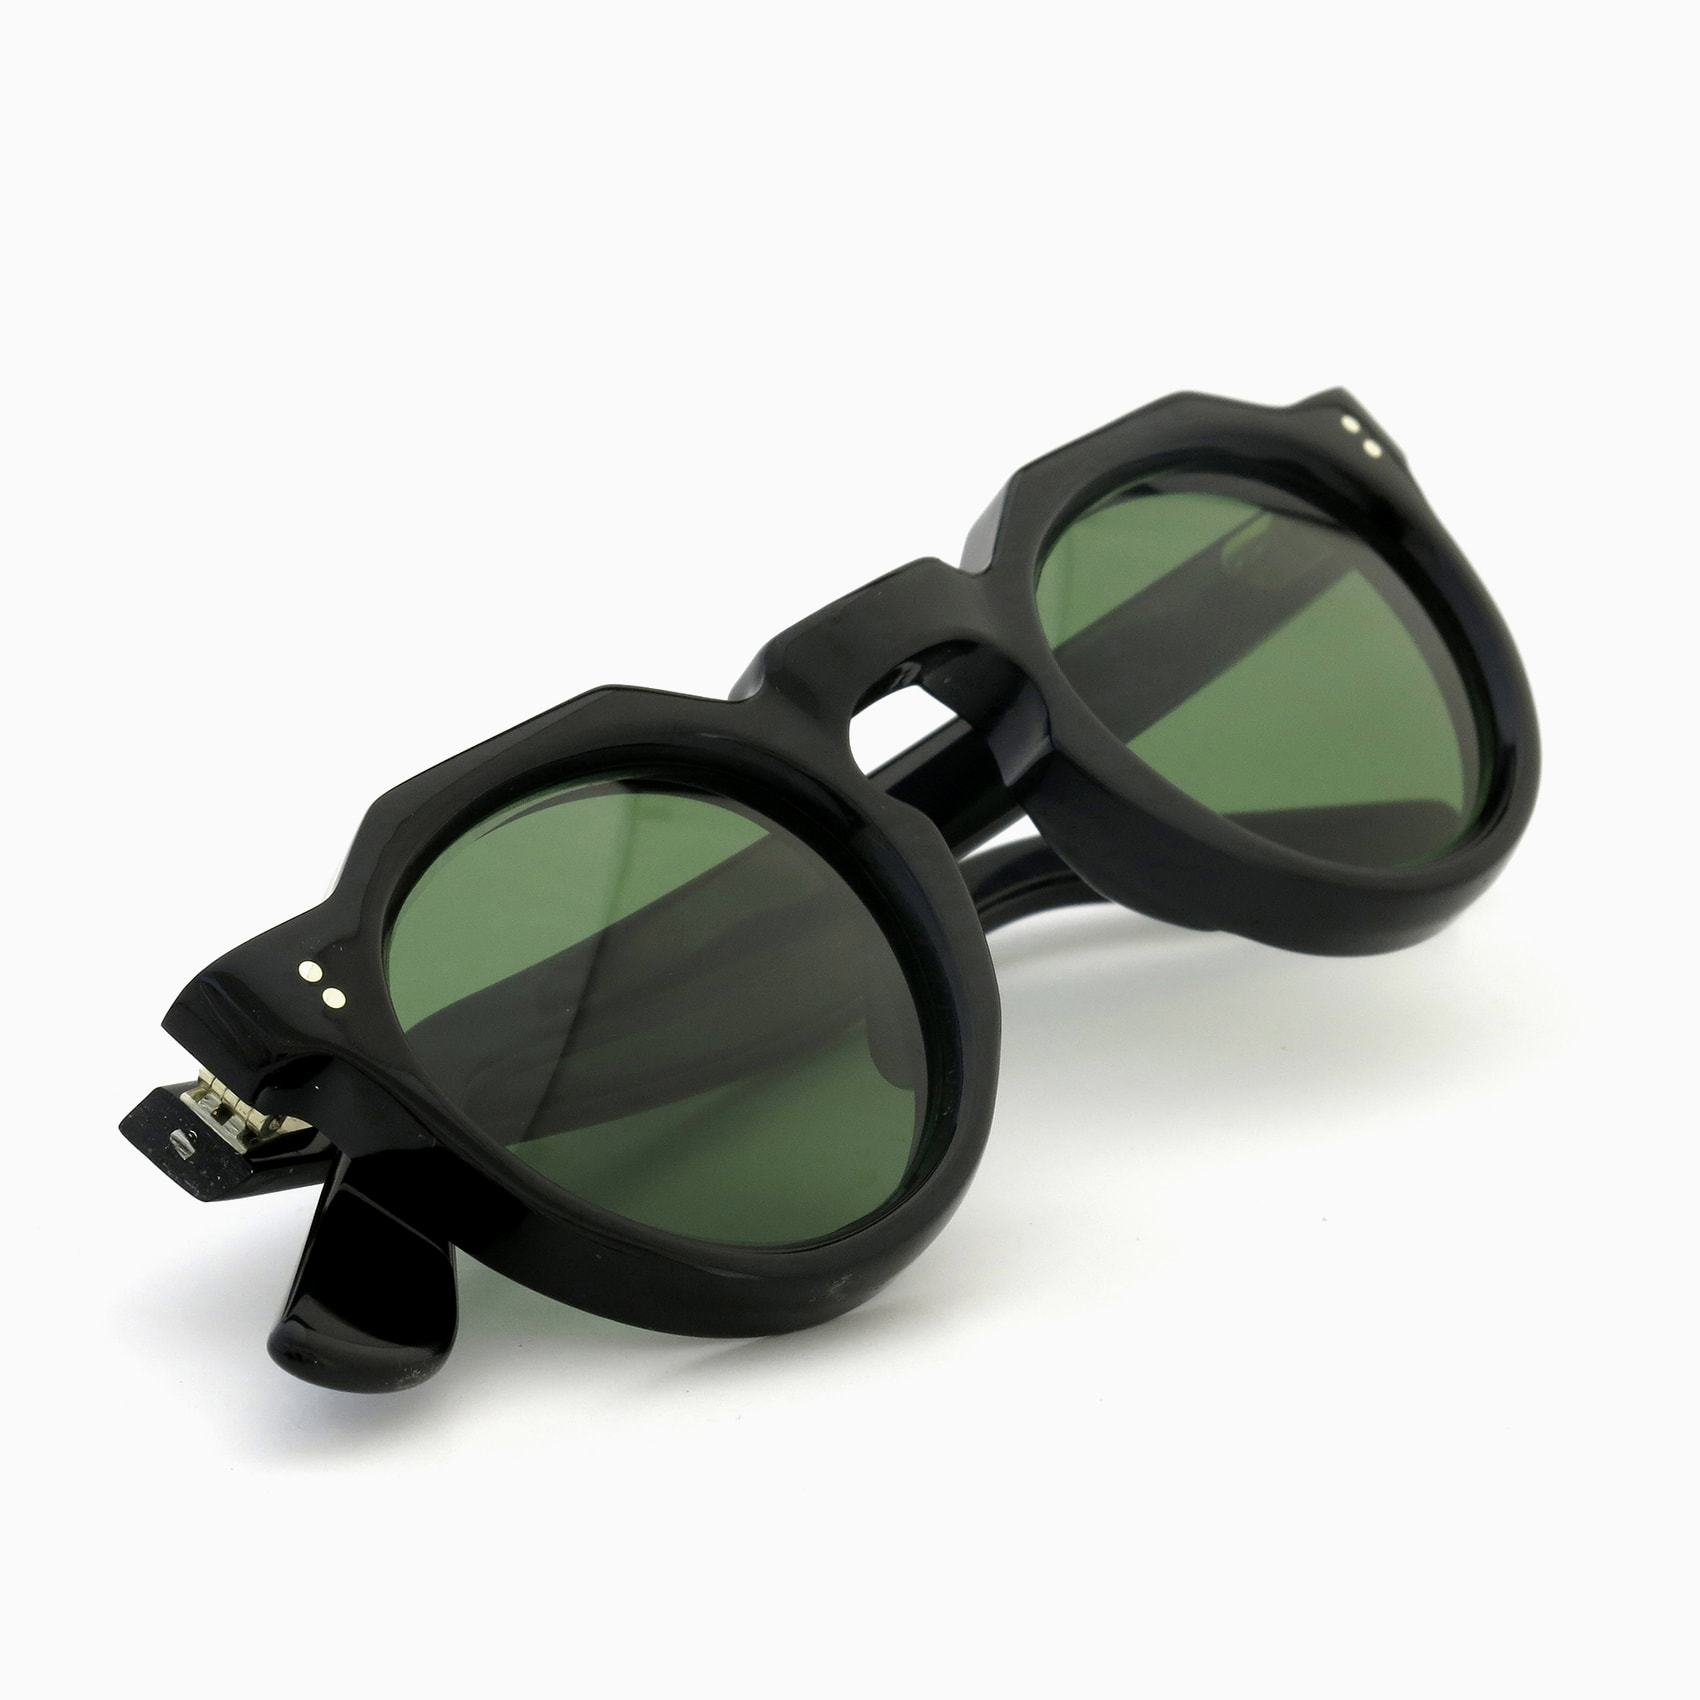 170530_Lesca-vintage_crowne-panto-type-a_Black_8mm_v14_Green-lense_2pin